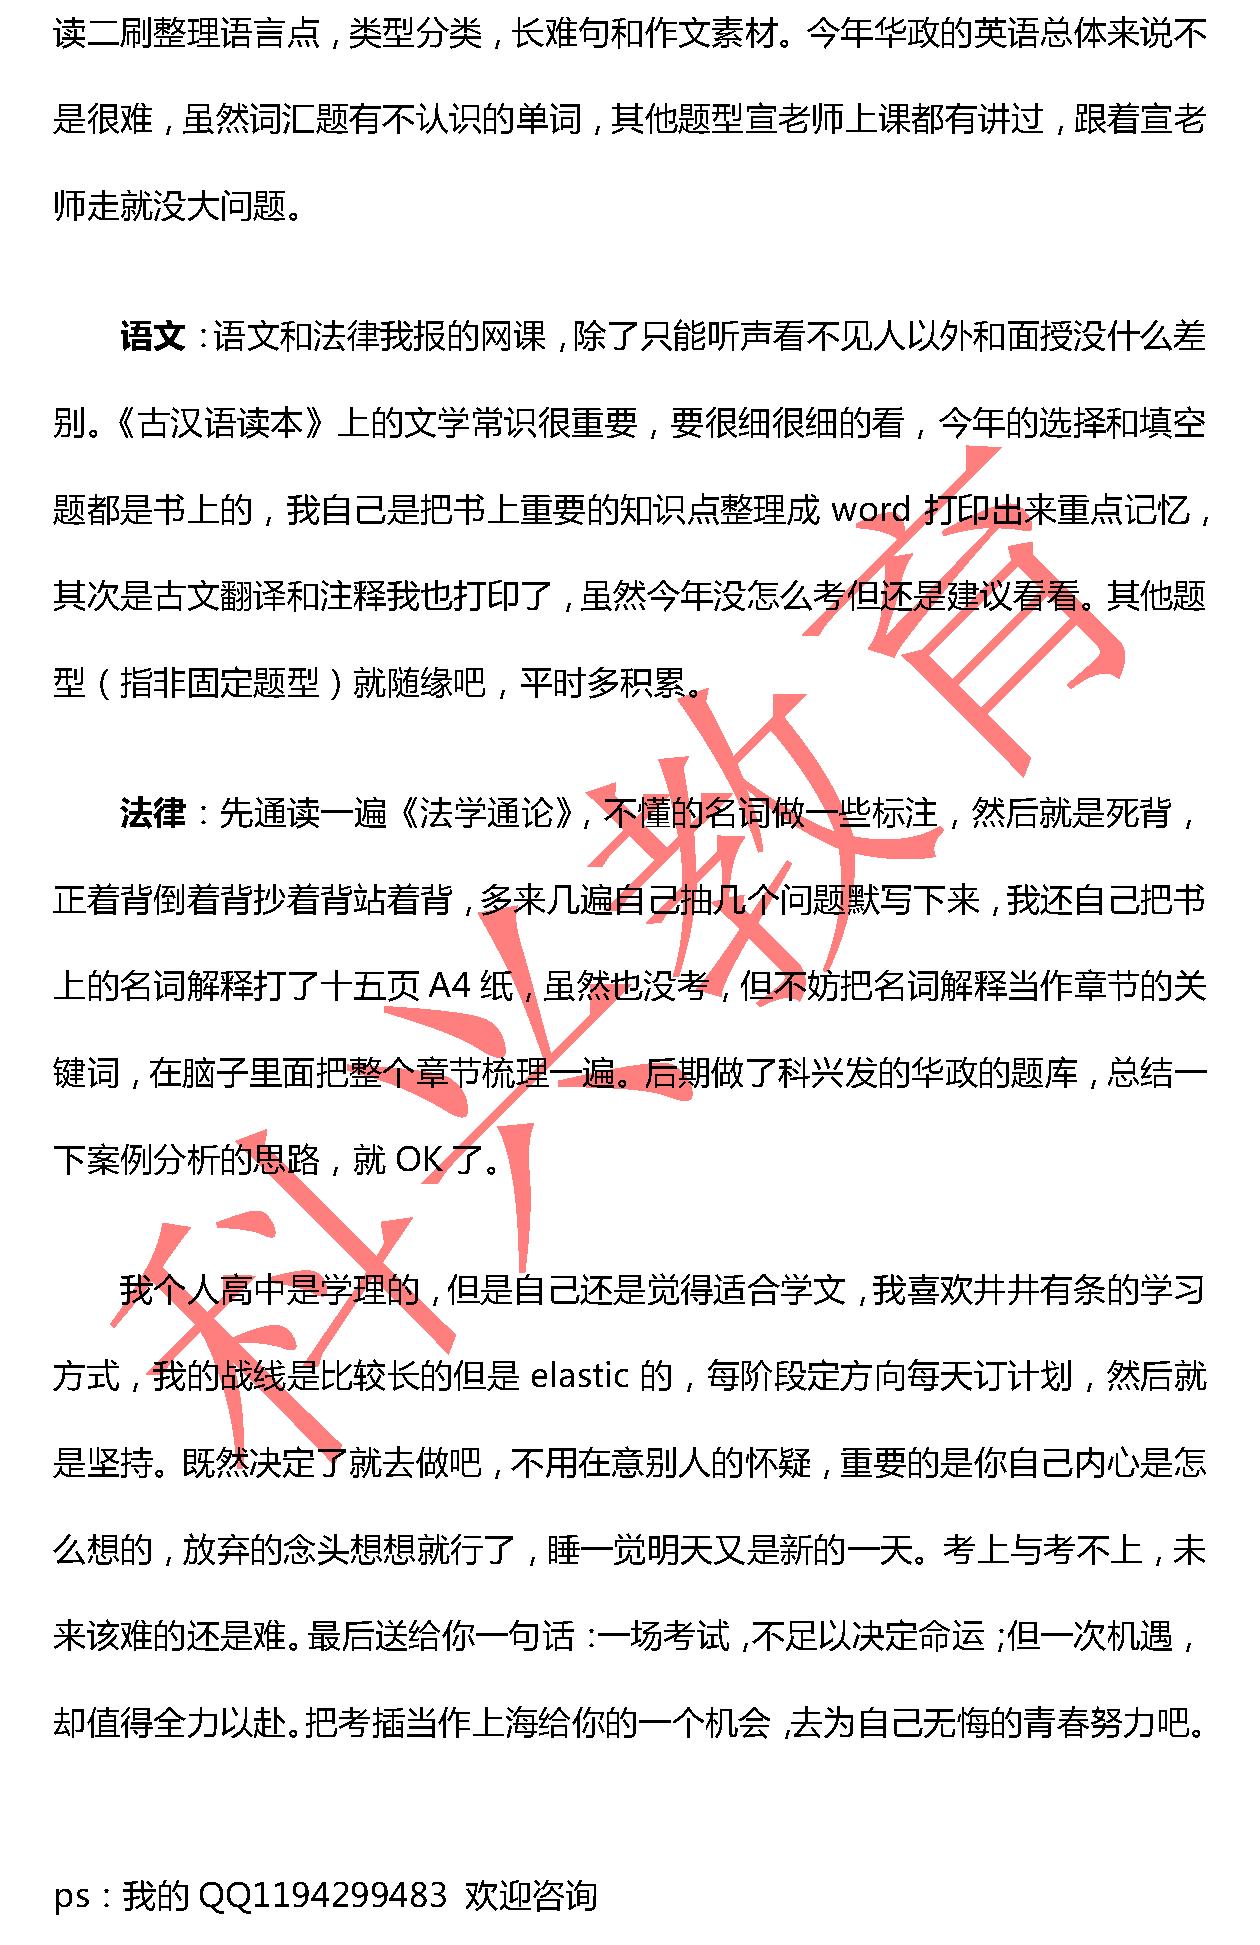 华政于赛琦:考插心得(18届)